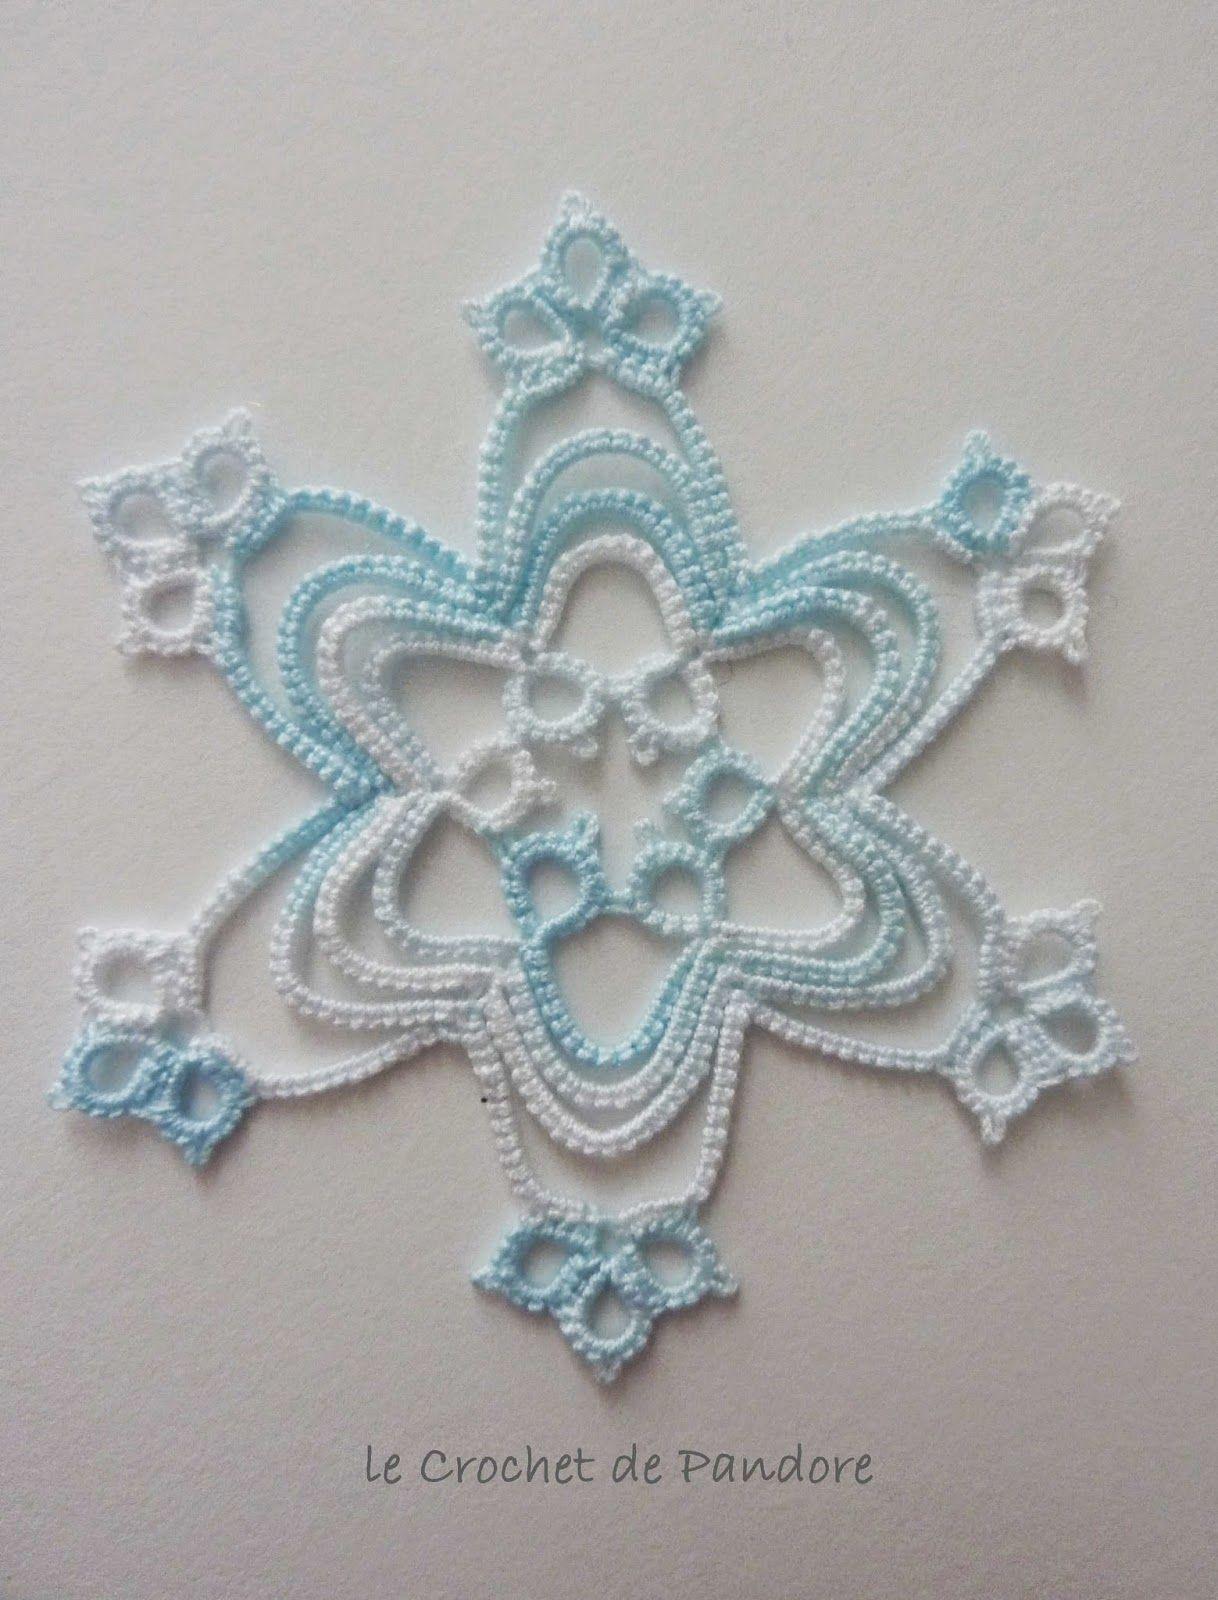 les Frivolités de Pandore: Flocon Ice Blue (Ice Blue Snowflake)